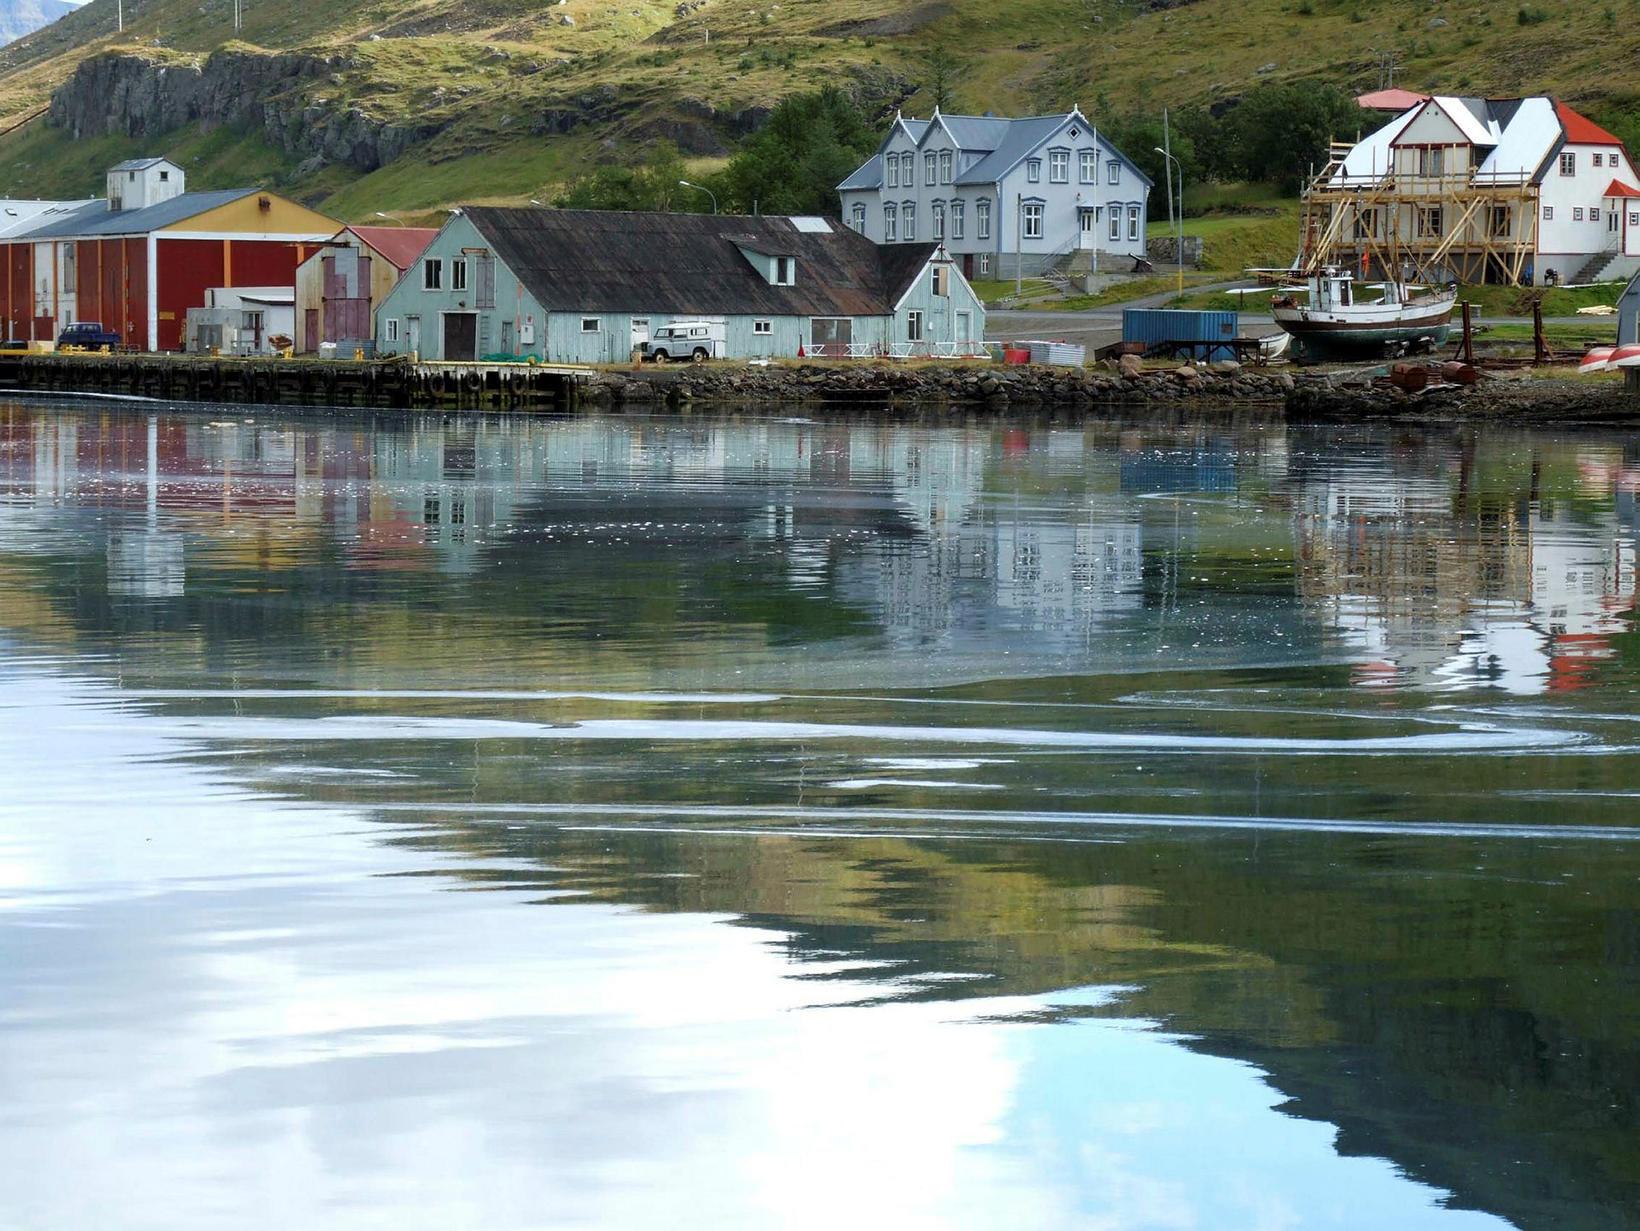 Ljóst er að bæjarmyndin mun breytast nokkuð á Seyðisfirði.